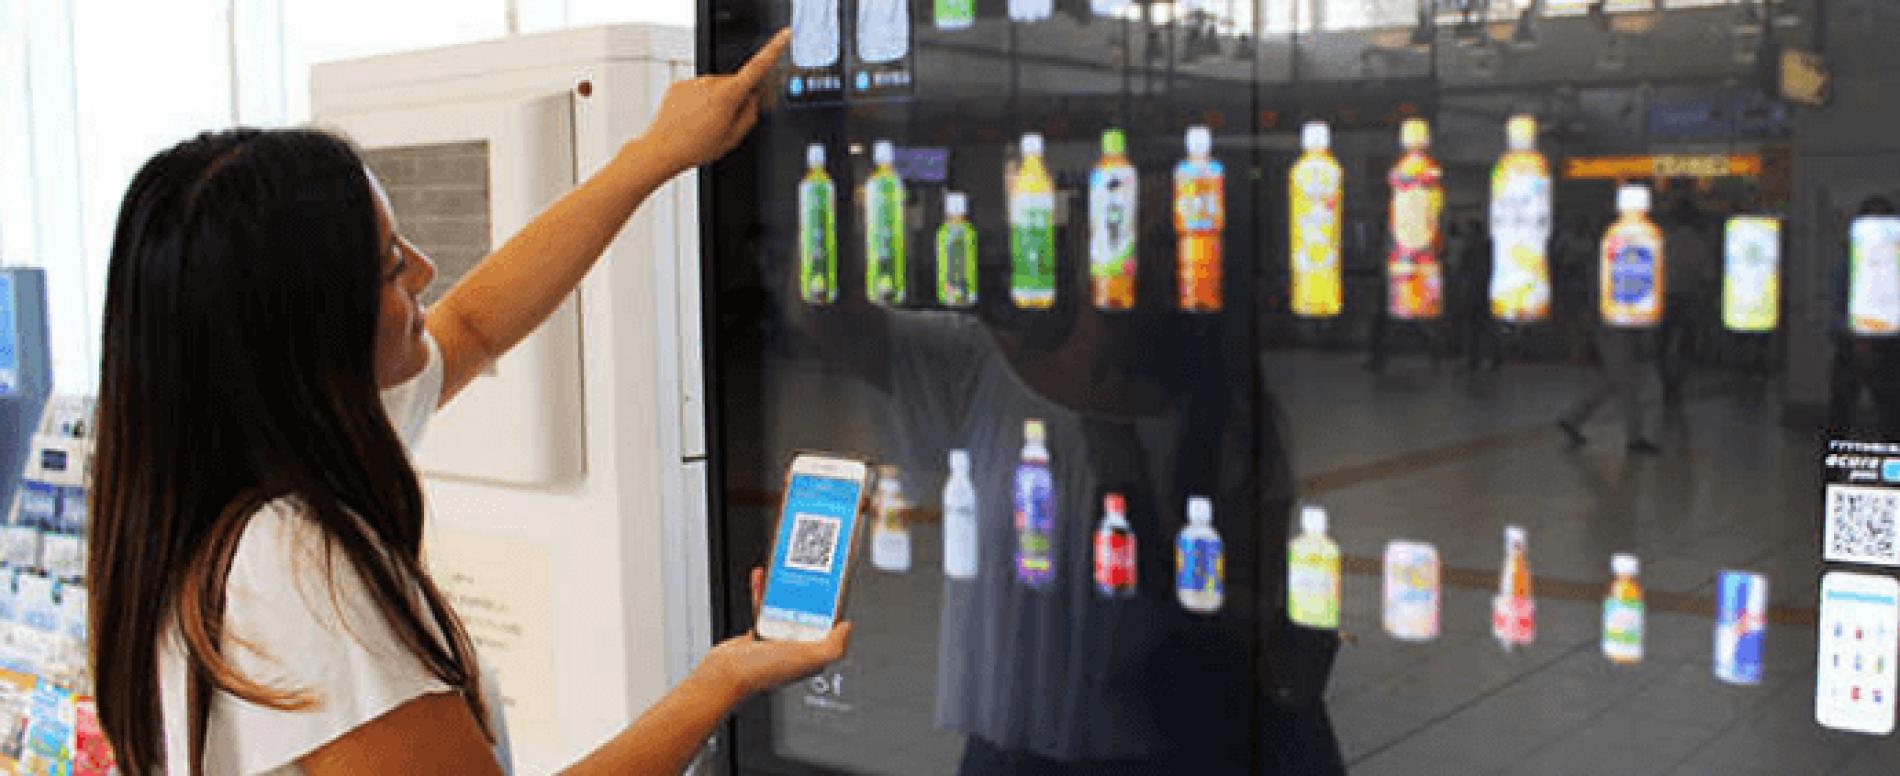 Le app per pagare al distributore automatico sono vulnerabili?